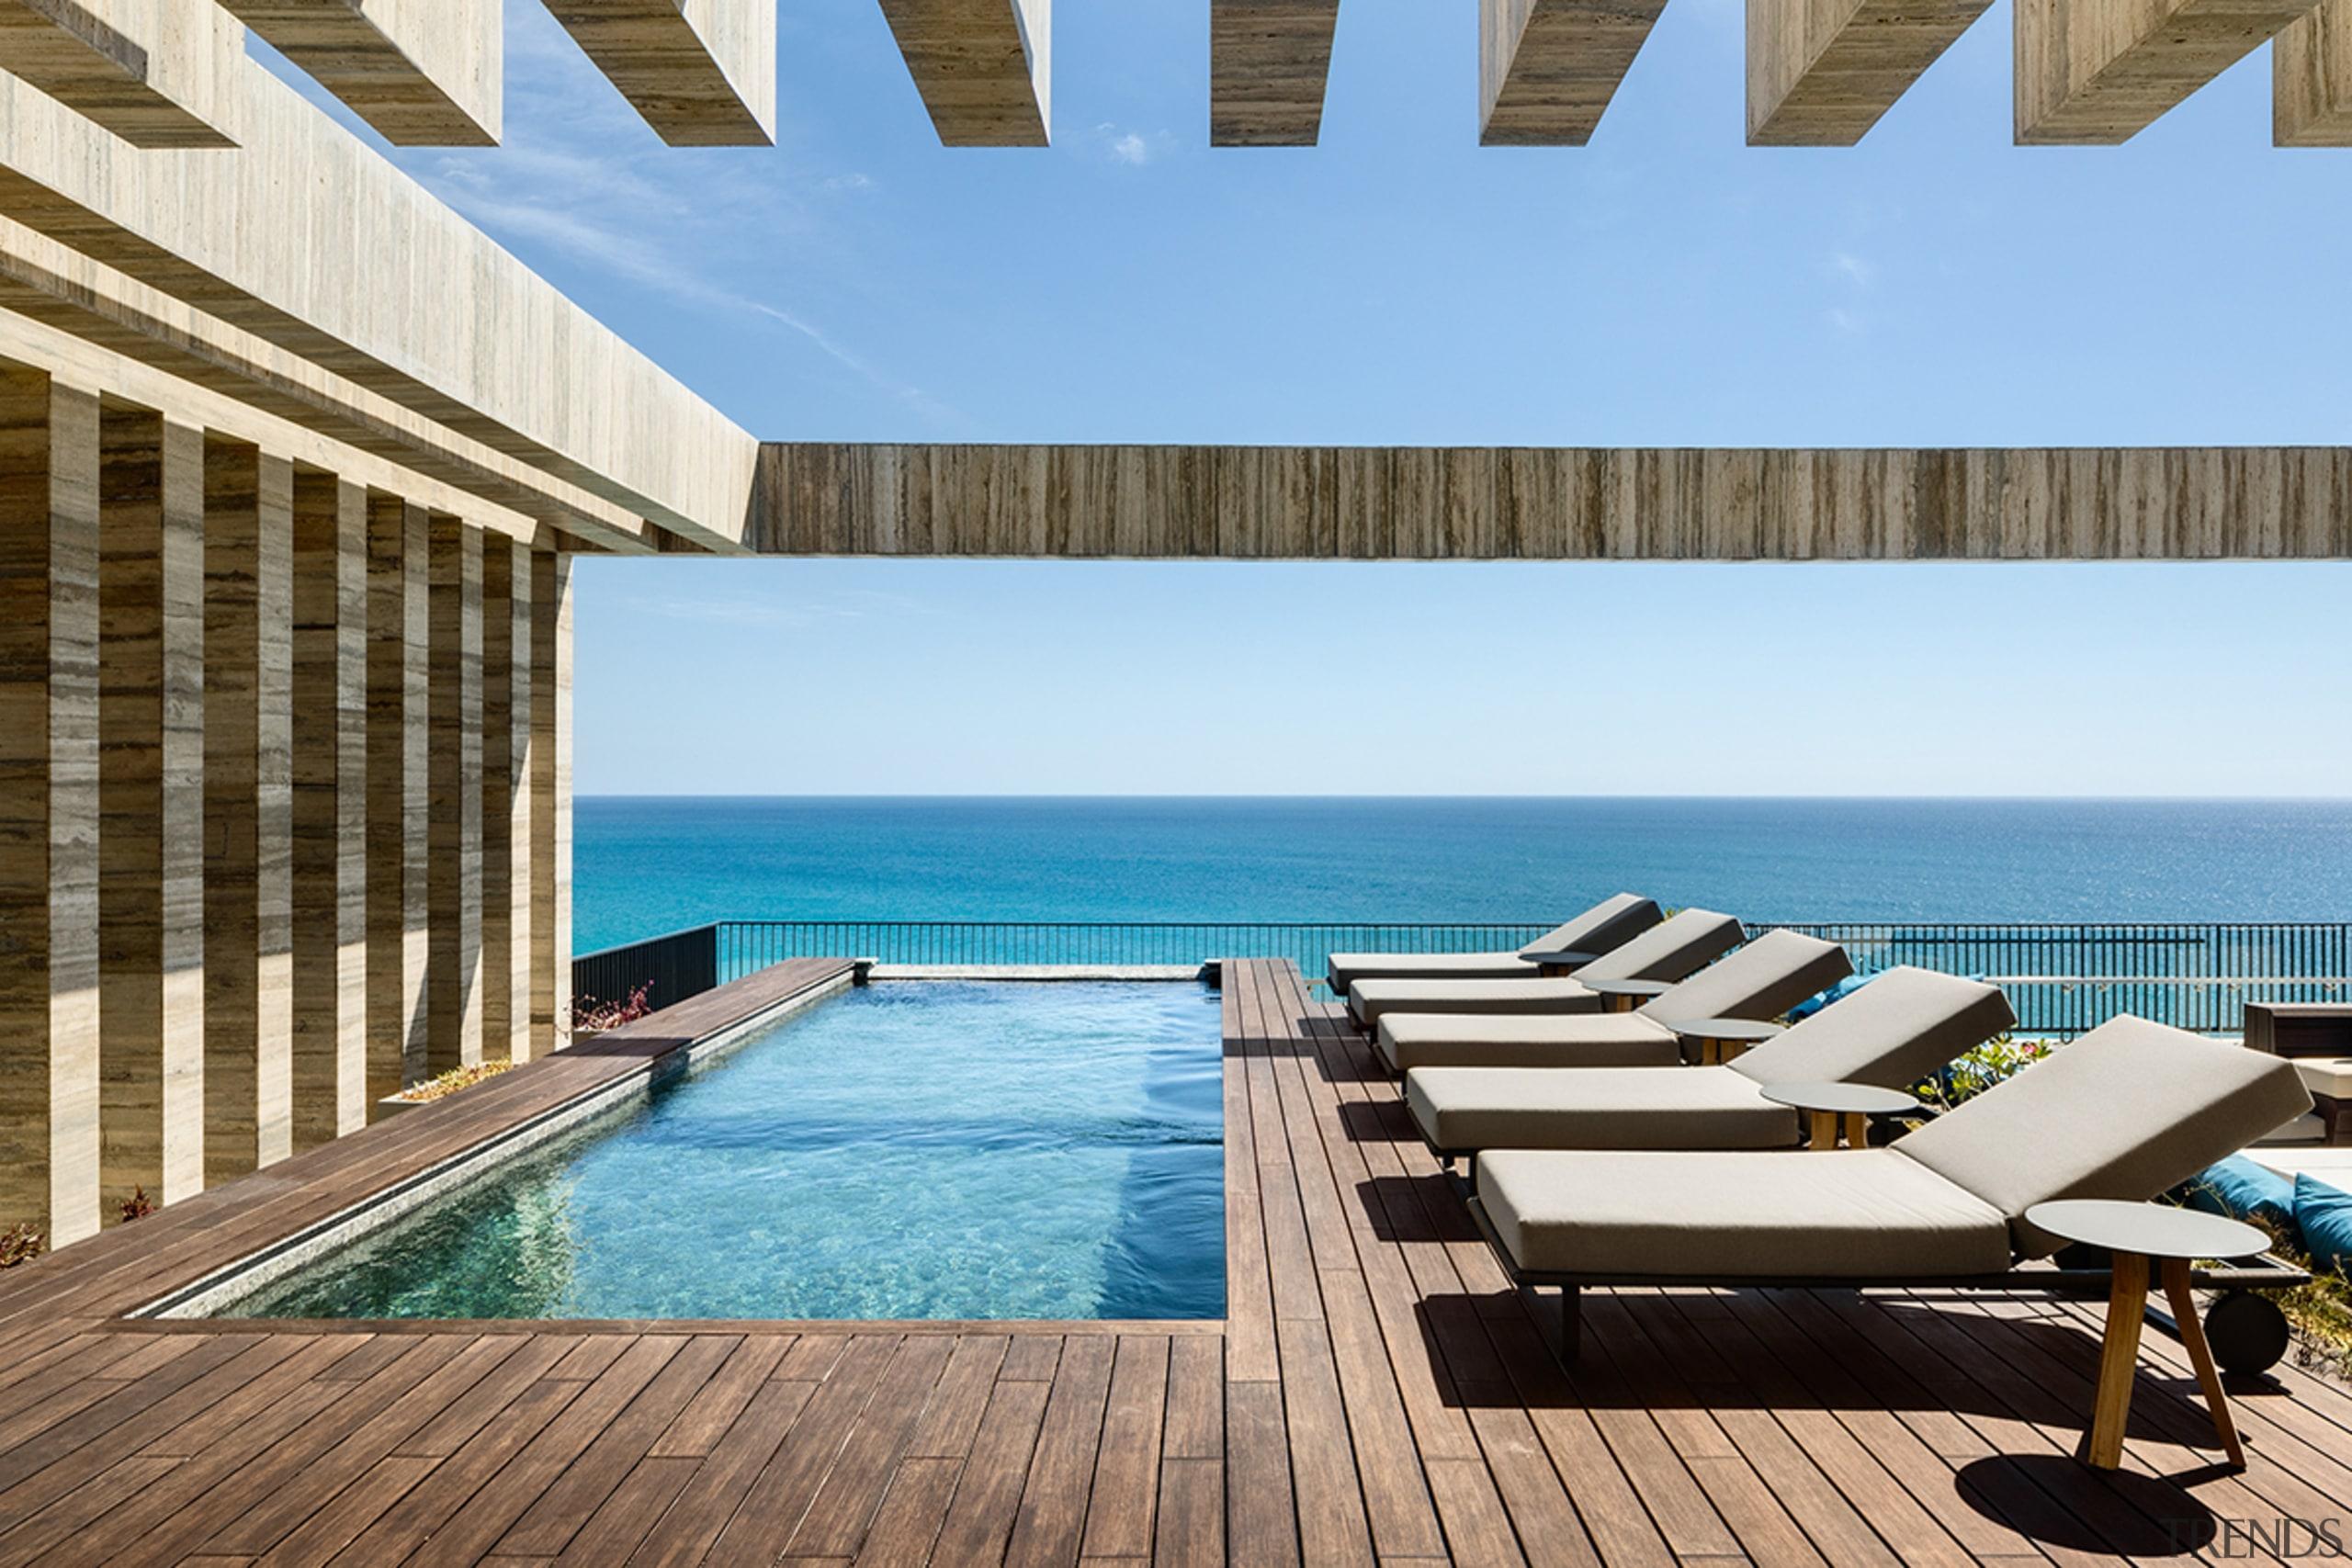 Apartment terrace at San José del Cabo Hotel. teal